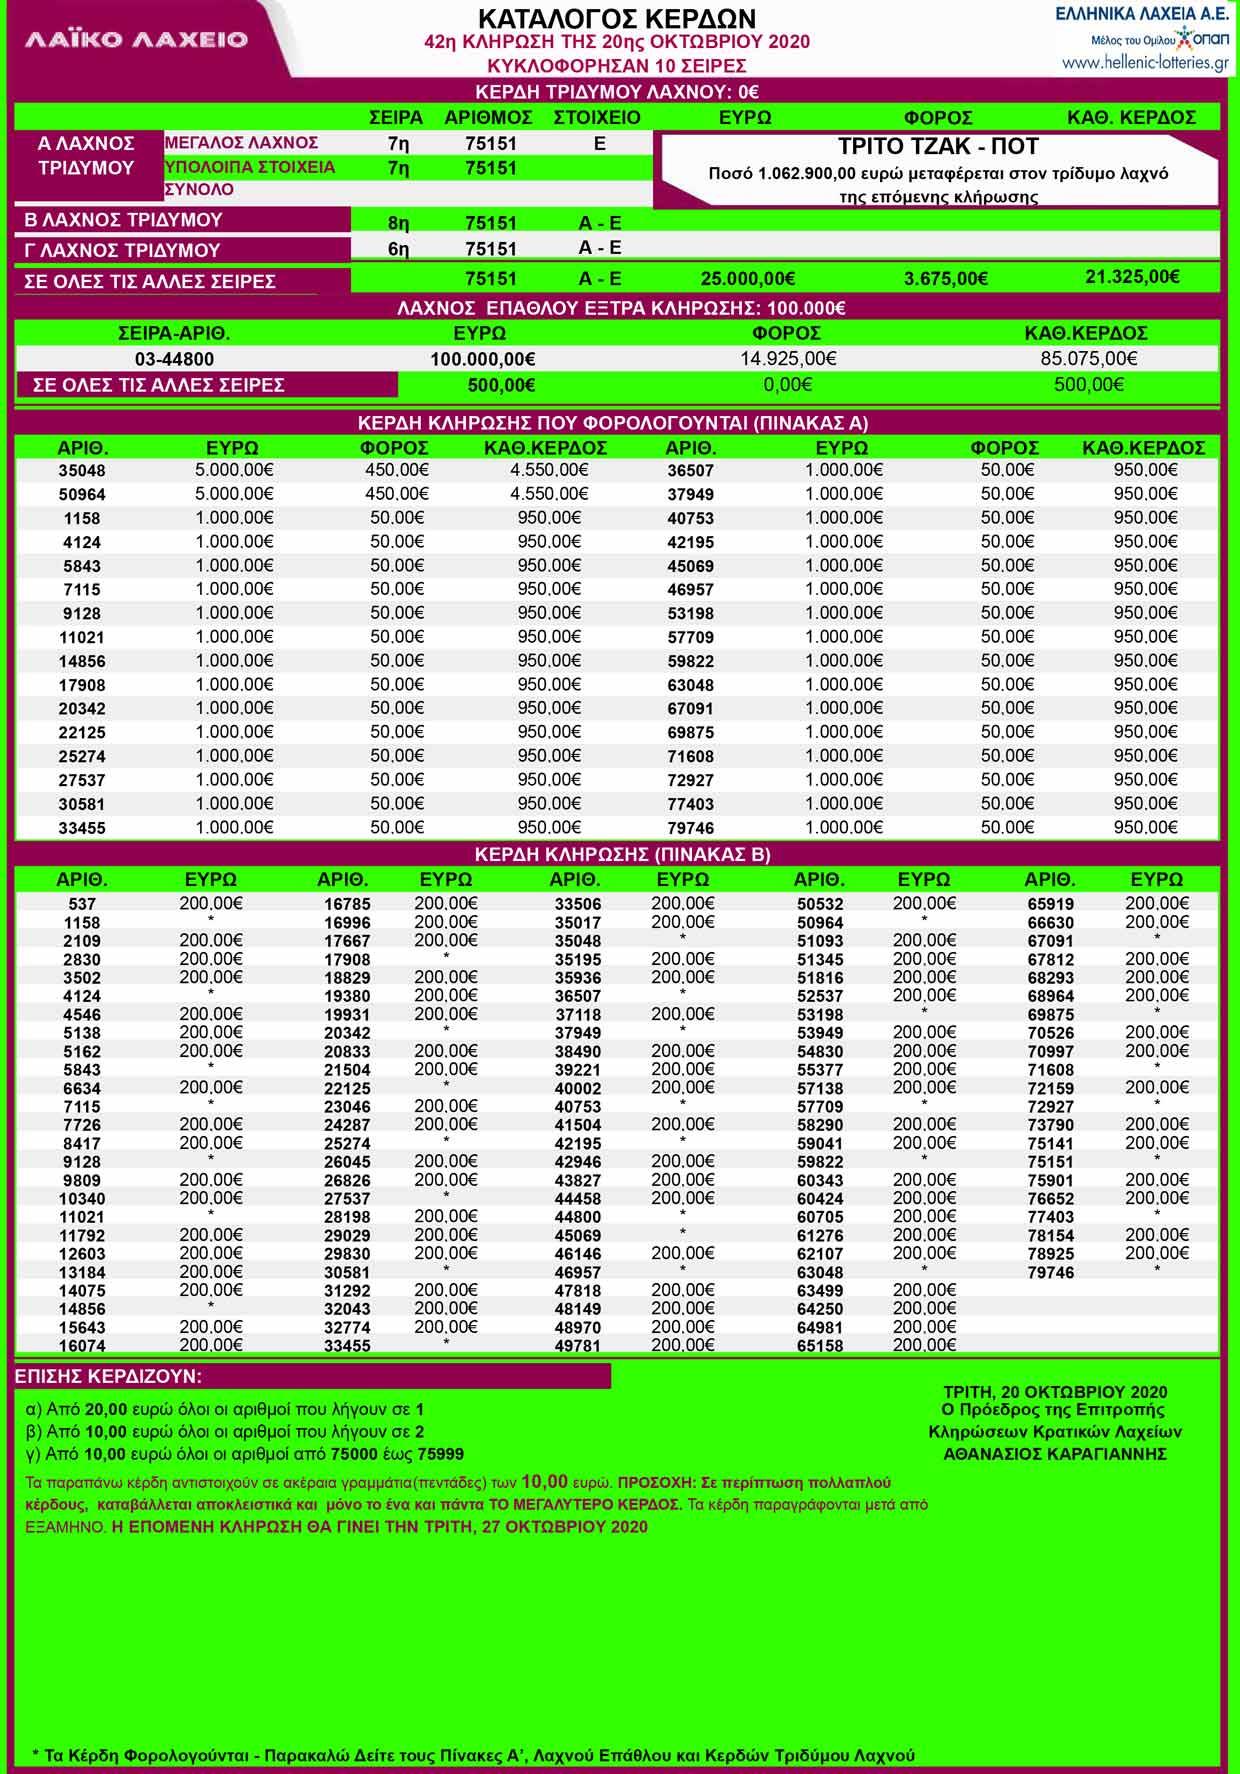 λαικο-20-10-2020-λαικο-λαχειο-κληρωση-42-αποτελεσματα-κερδη-λαικου